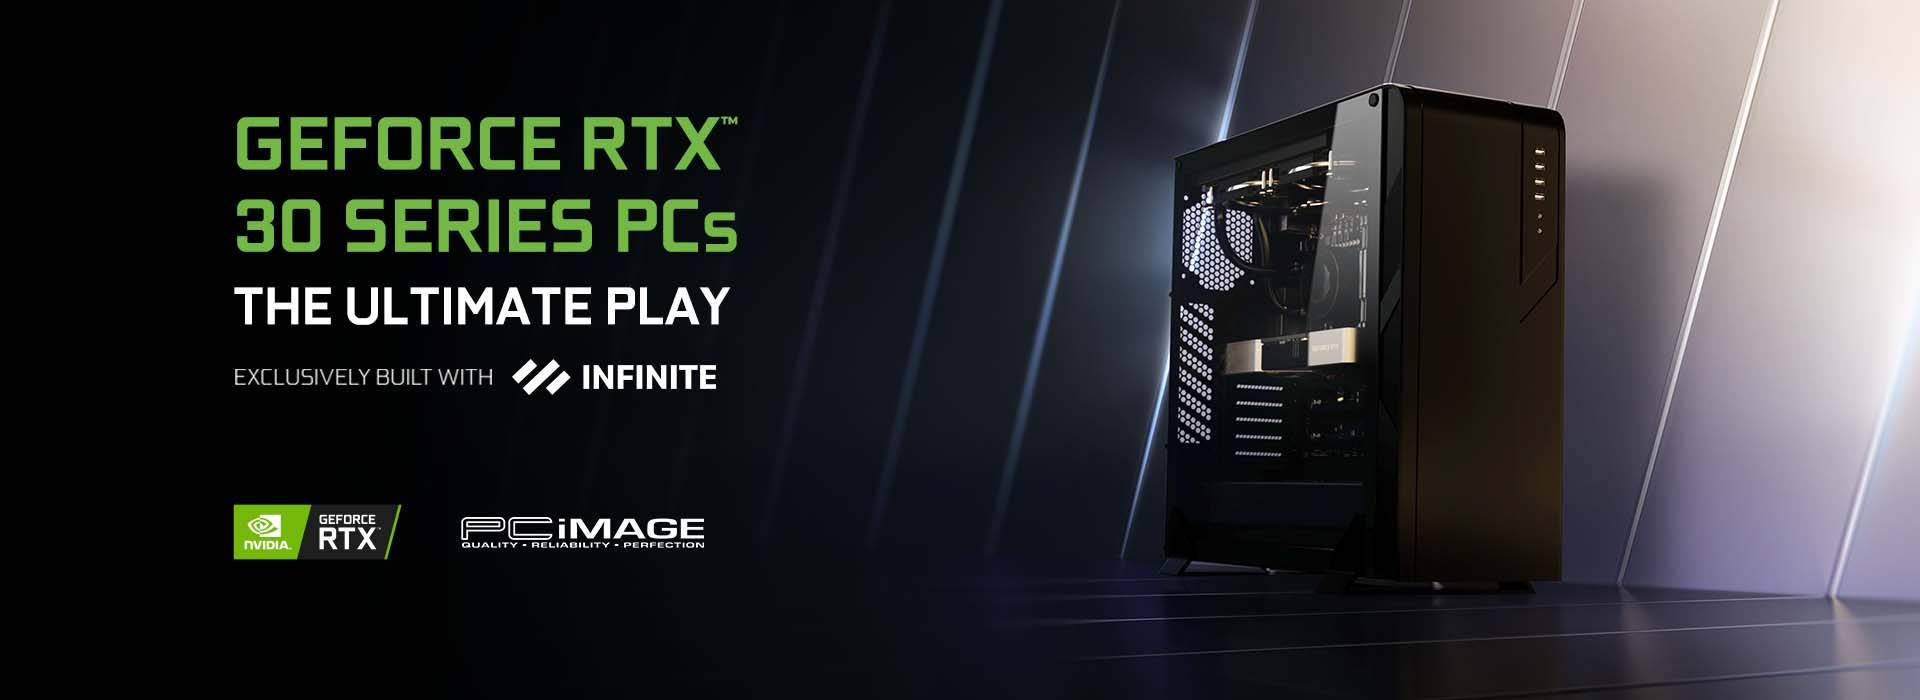 Geforce RTX gaming pc bundle